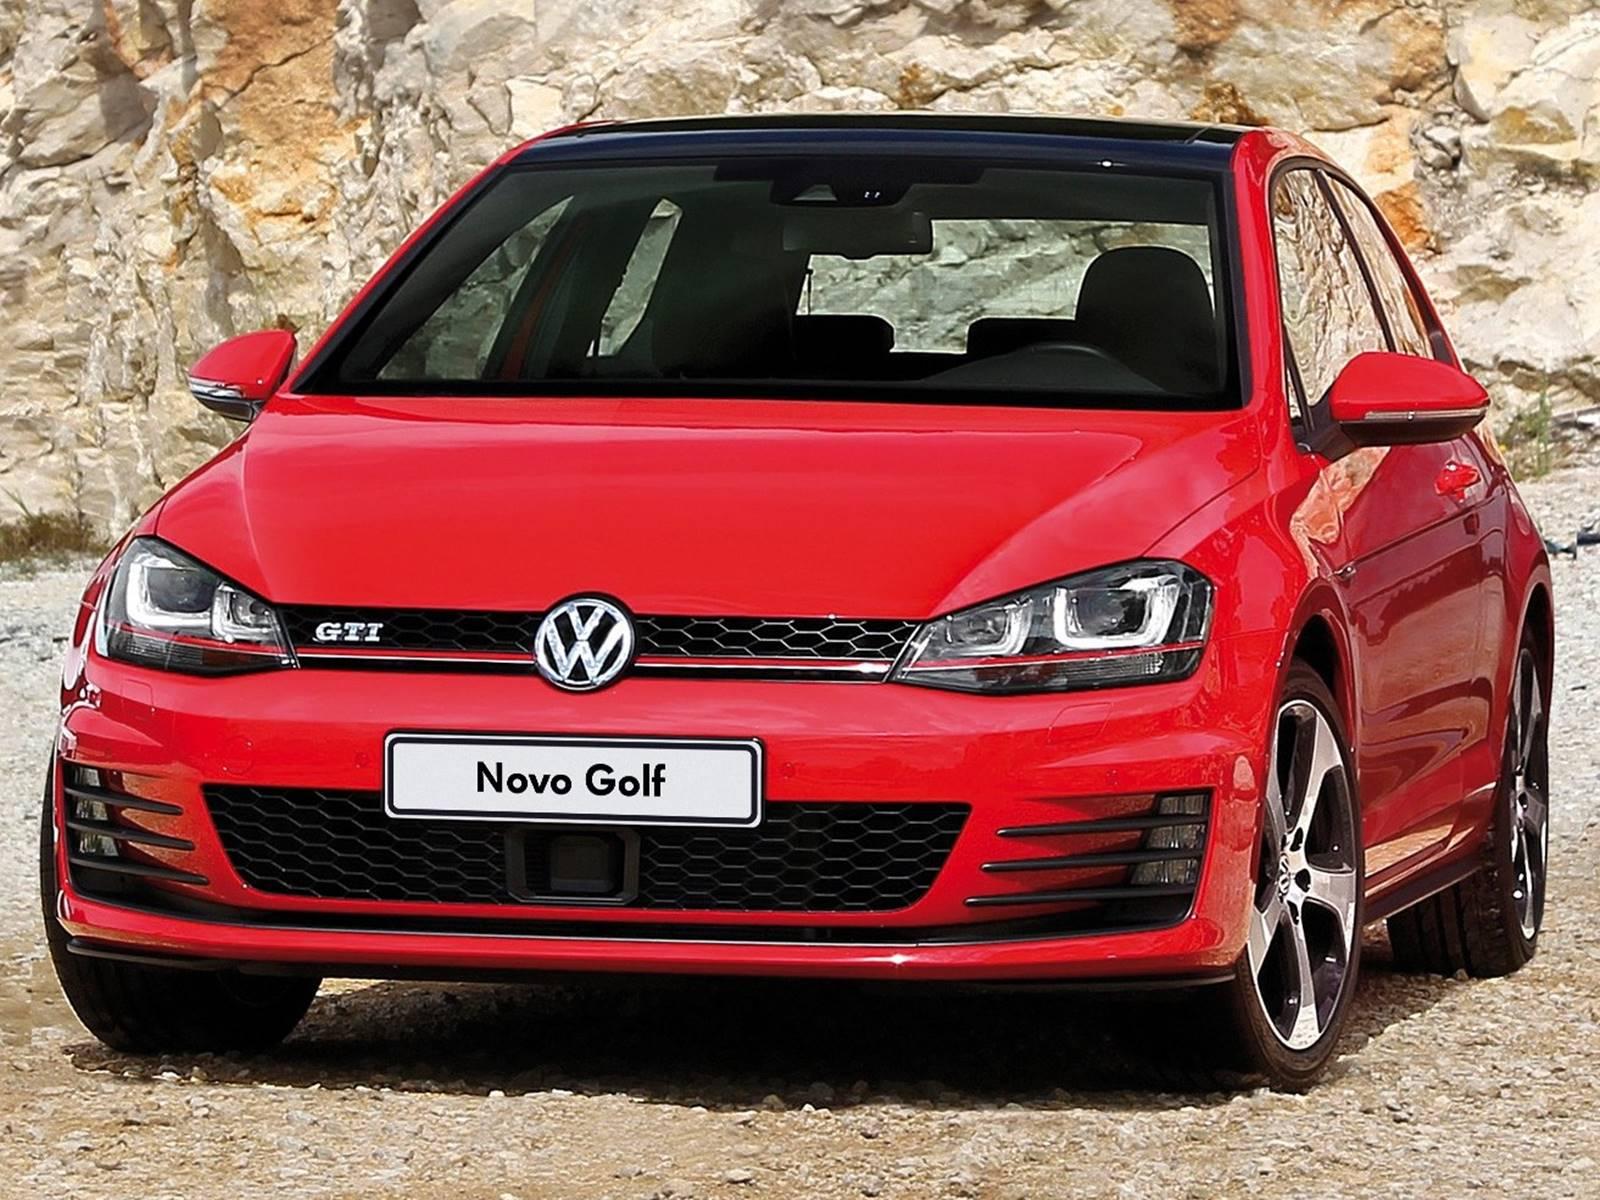 VW Golf 2016 - segundo carro mais vendido do mundo